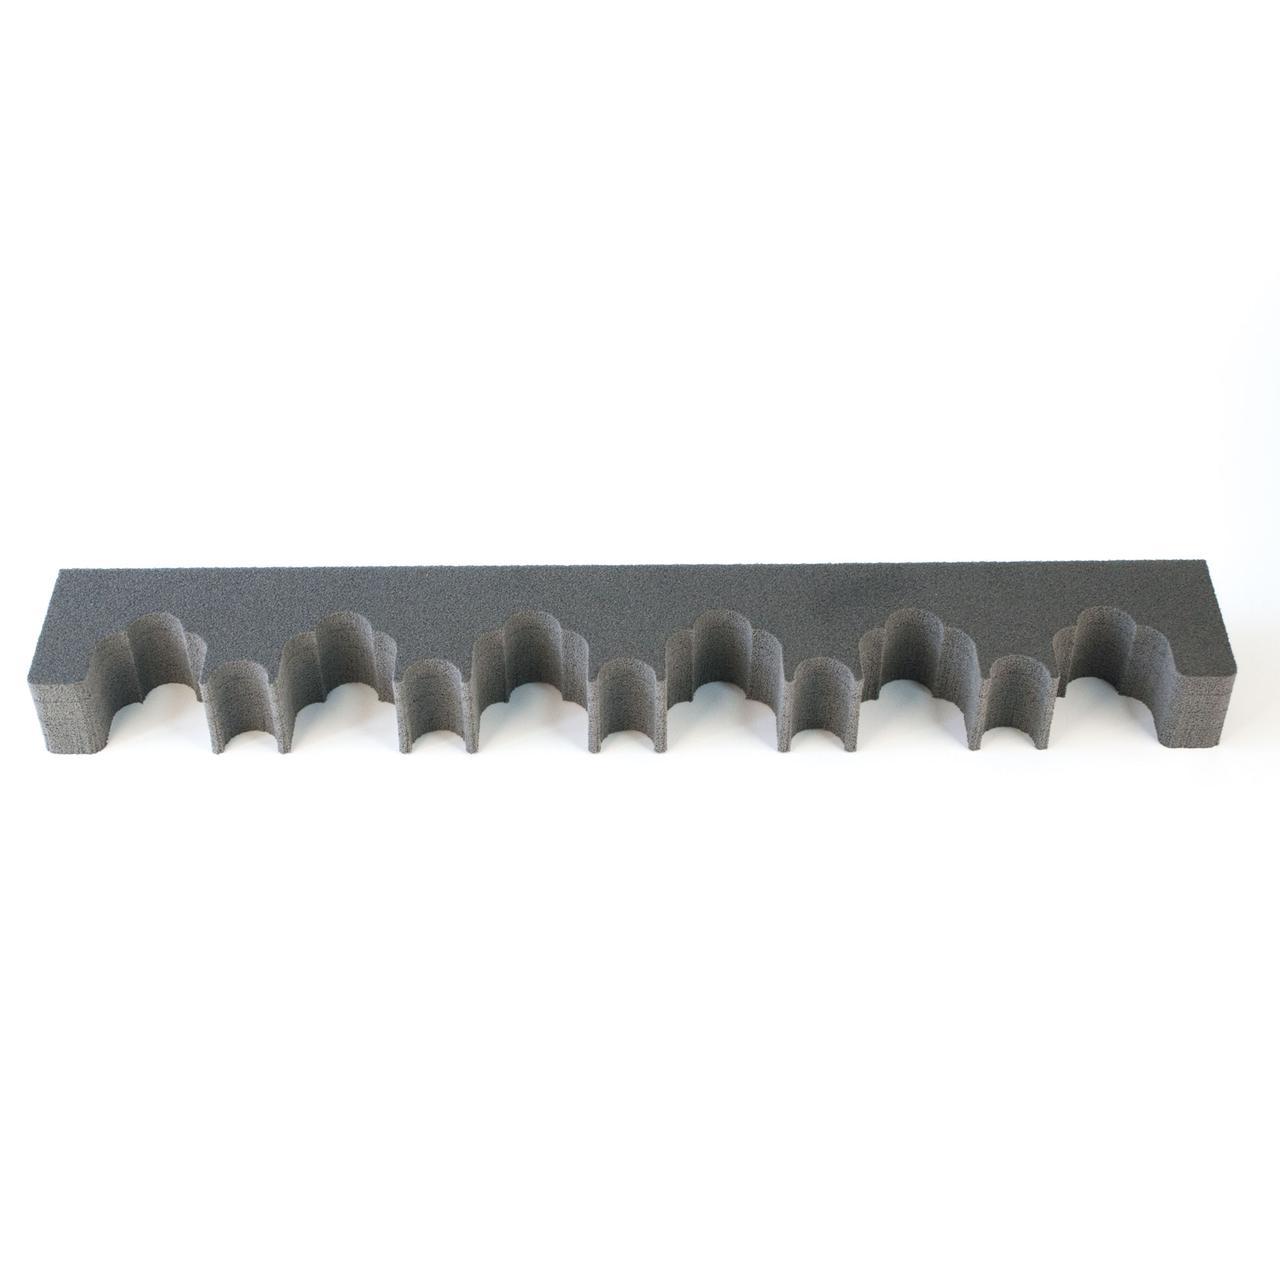 Держатель ствола ружья FD6 для шести ружей (40/503/74)